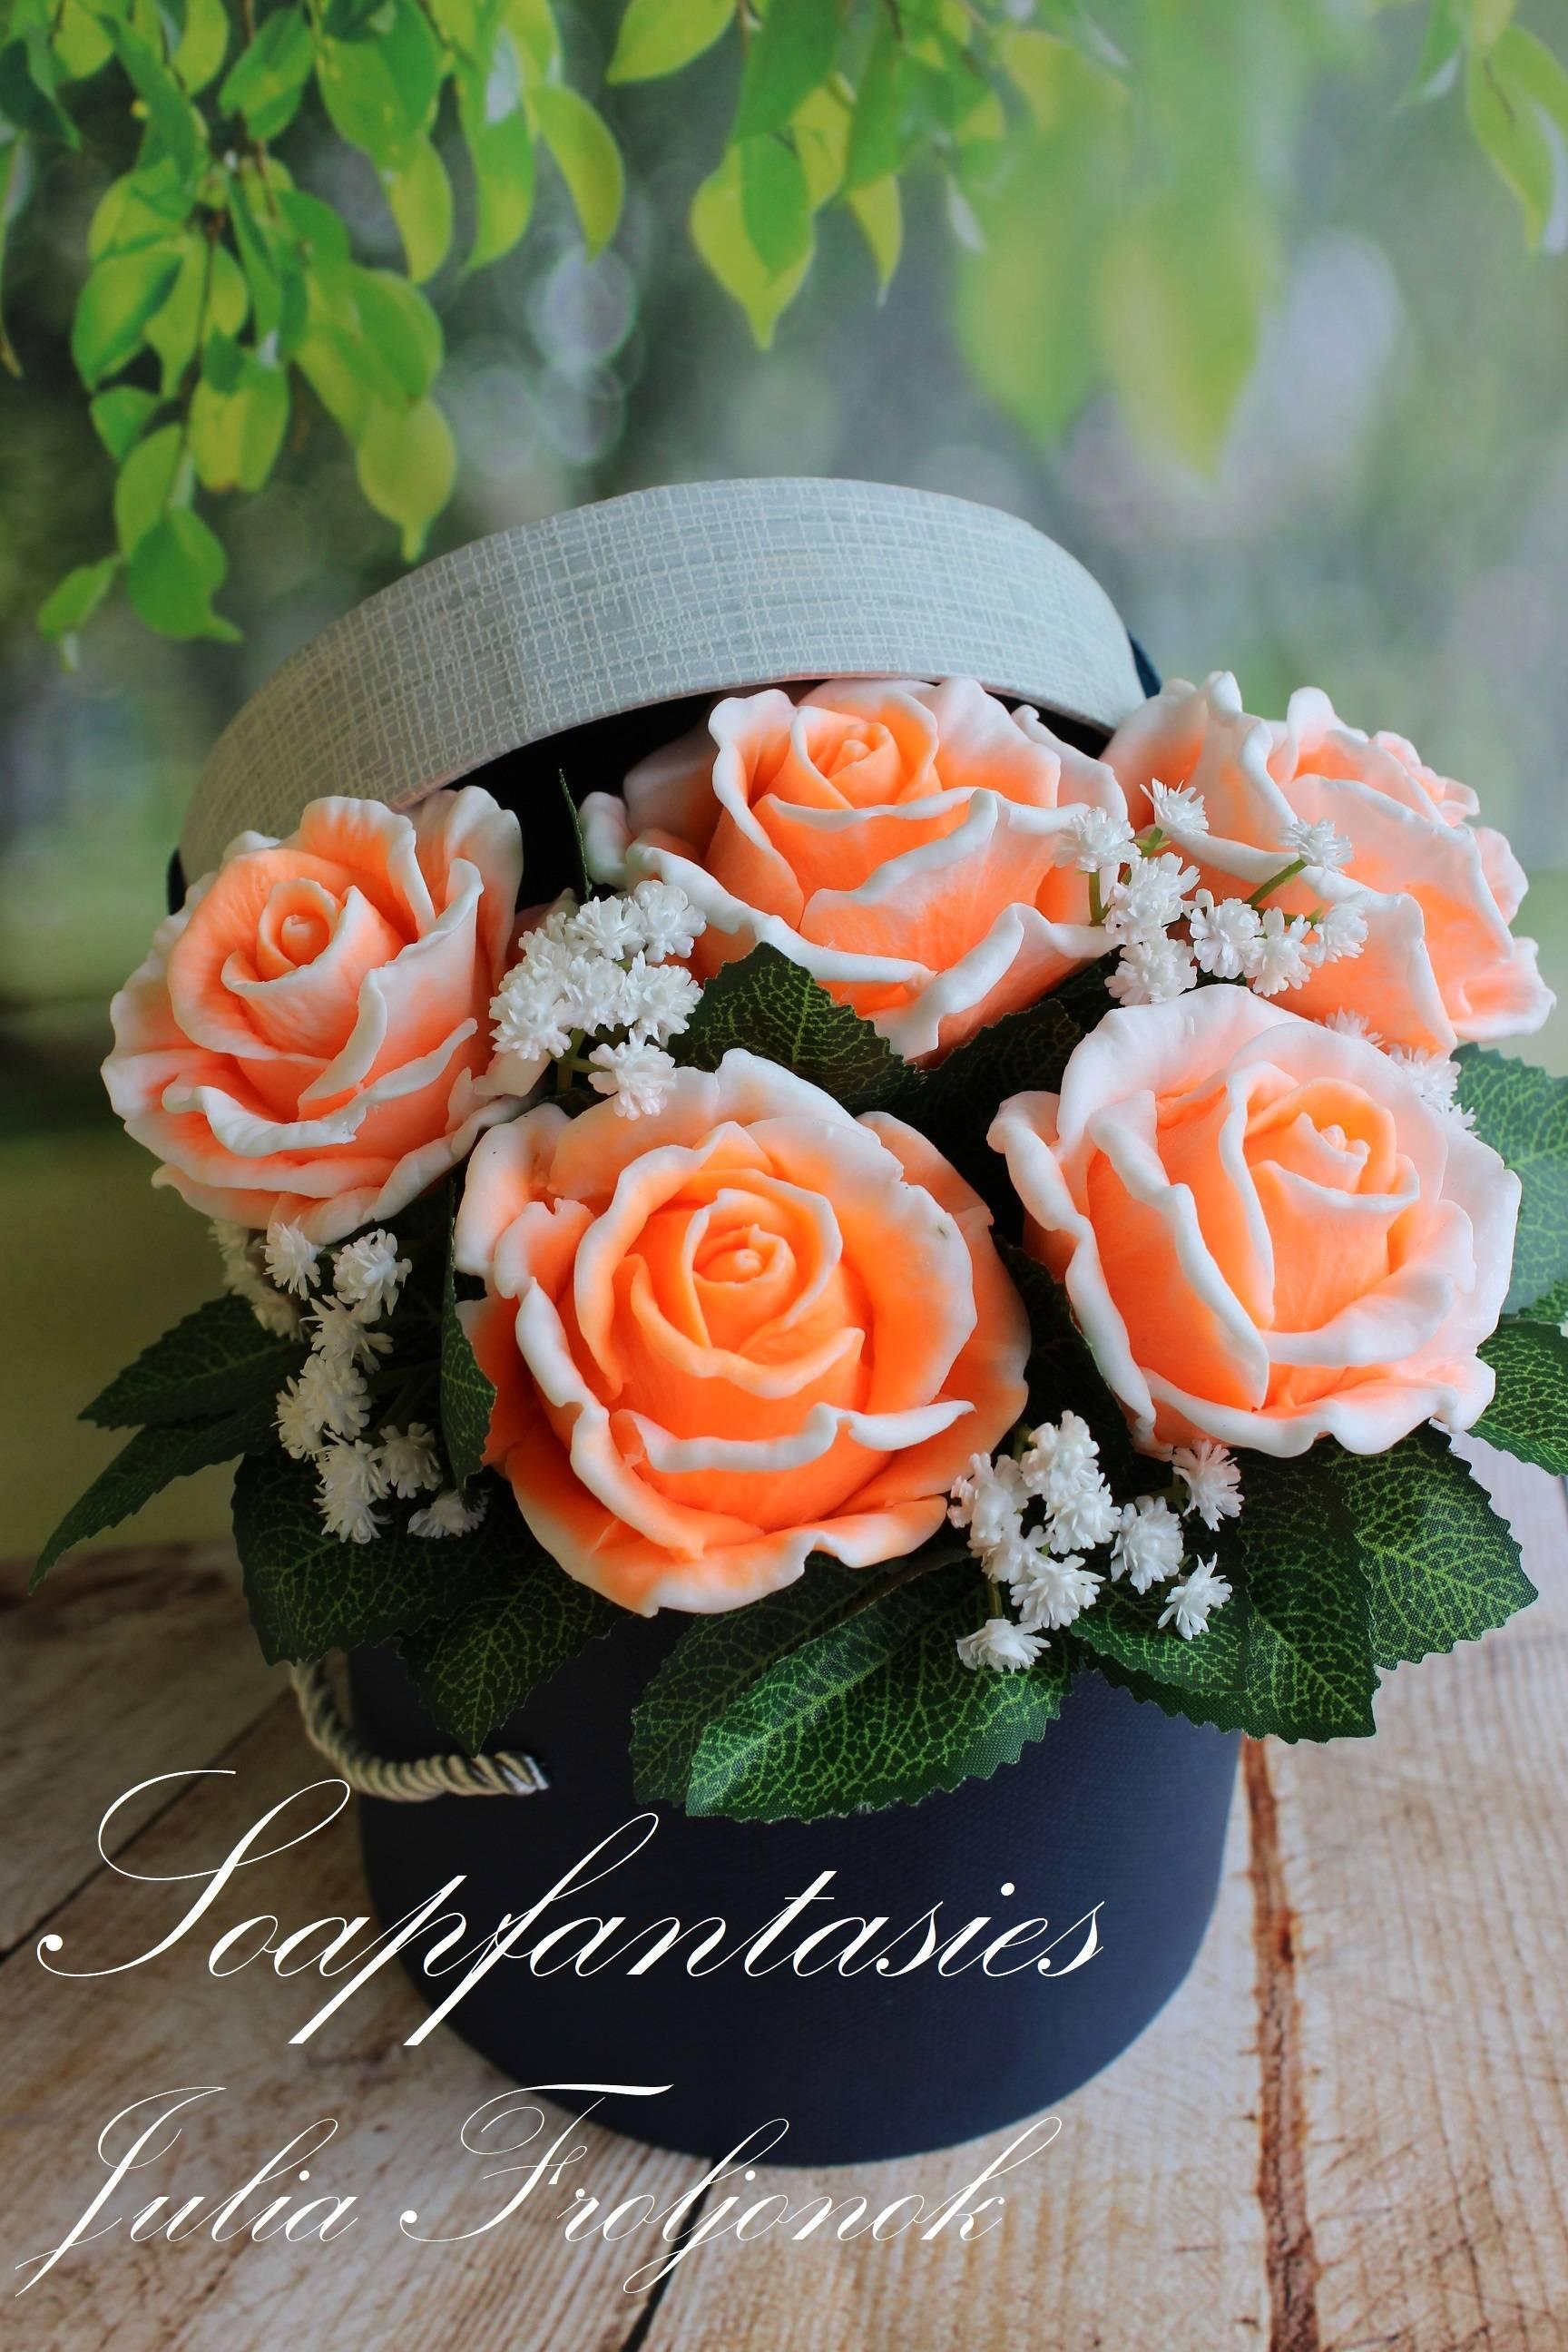 Цвета роз: значение и символика. когда и кому дарить белые, красные, желтые розы